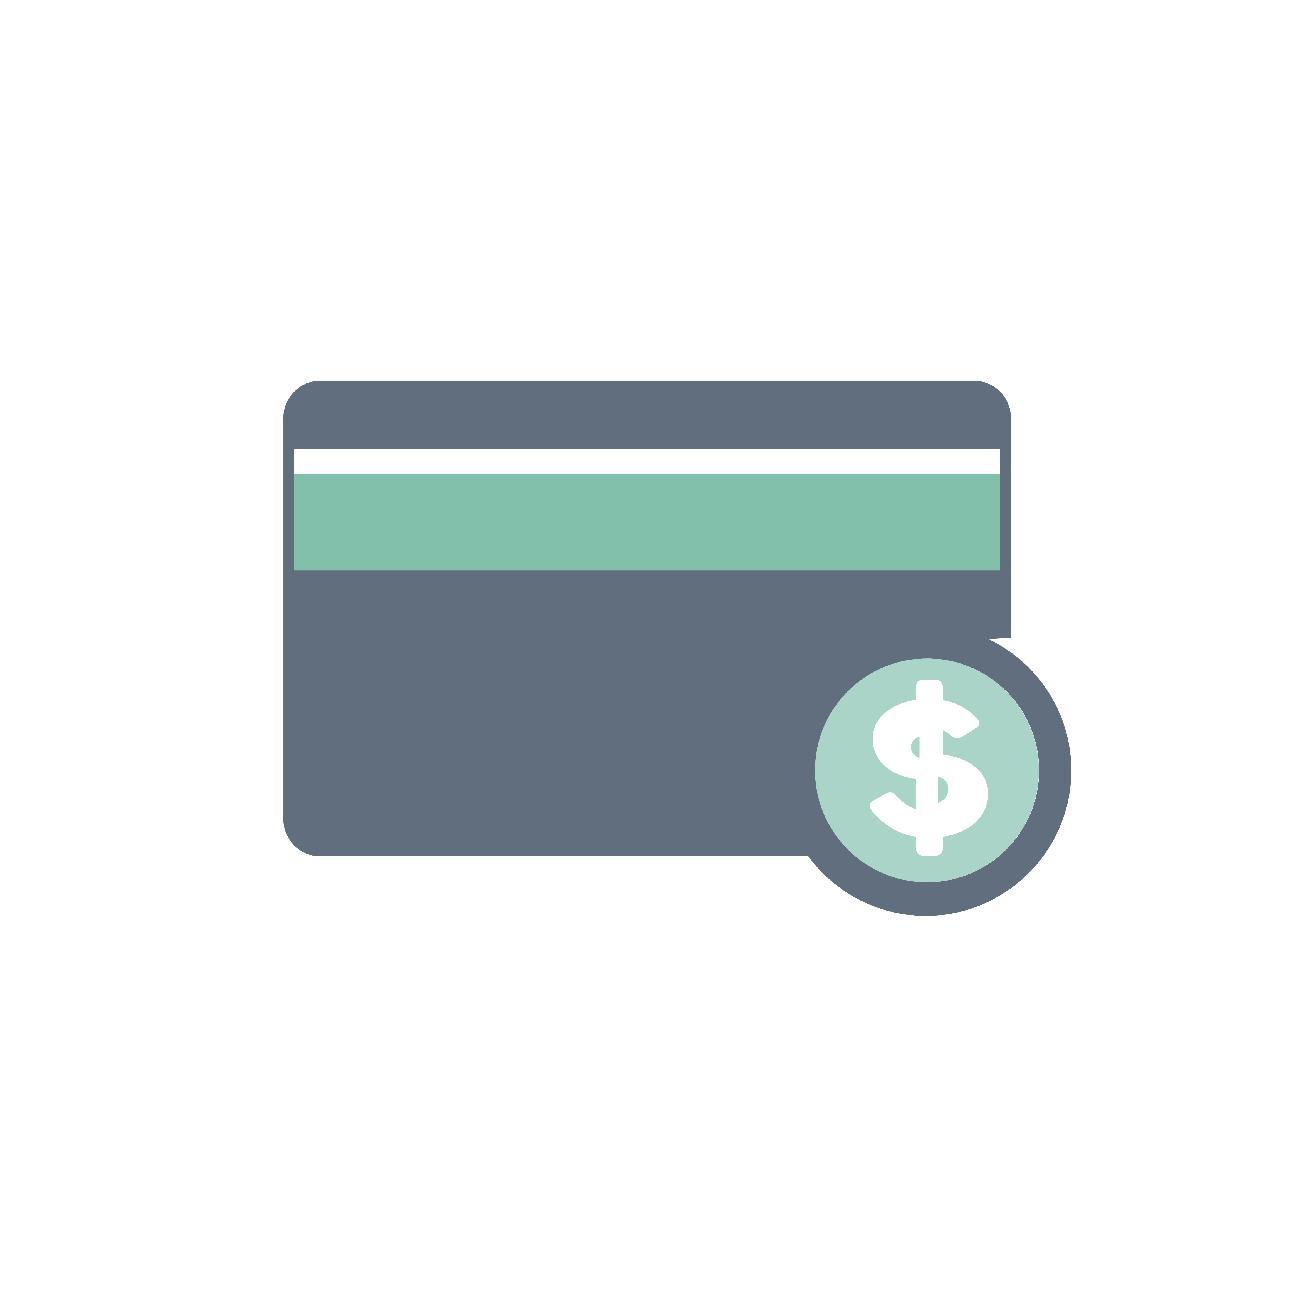 Você utiliza débito em conta?